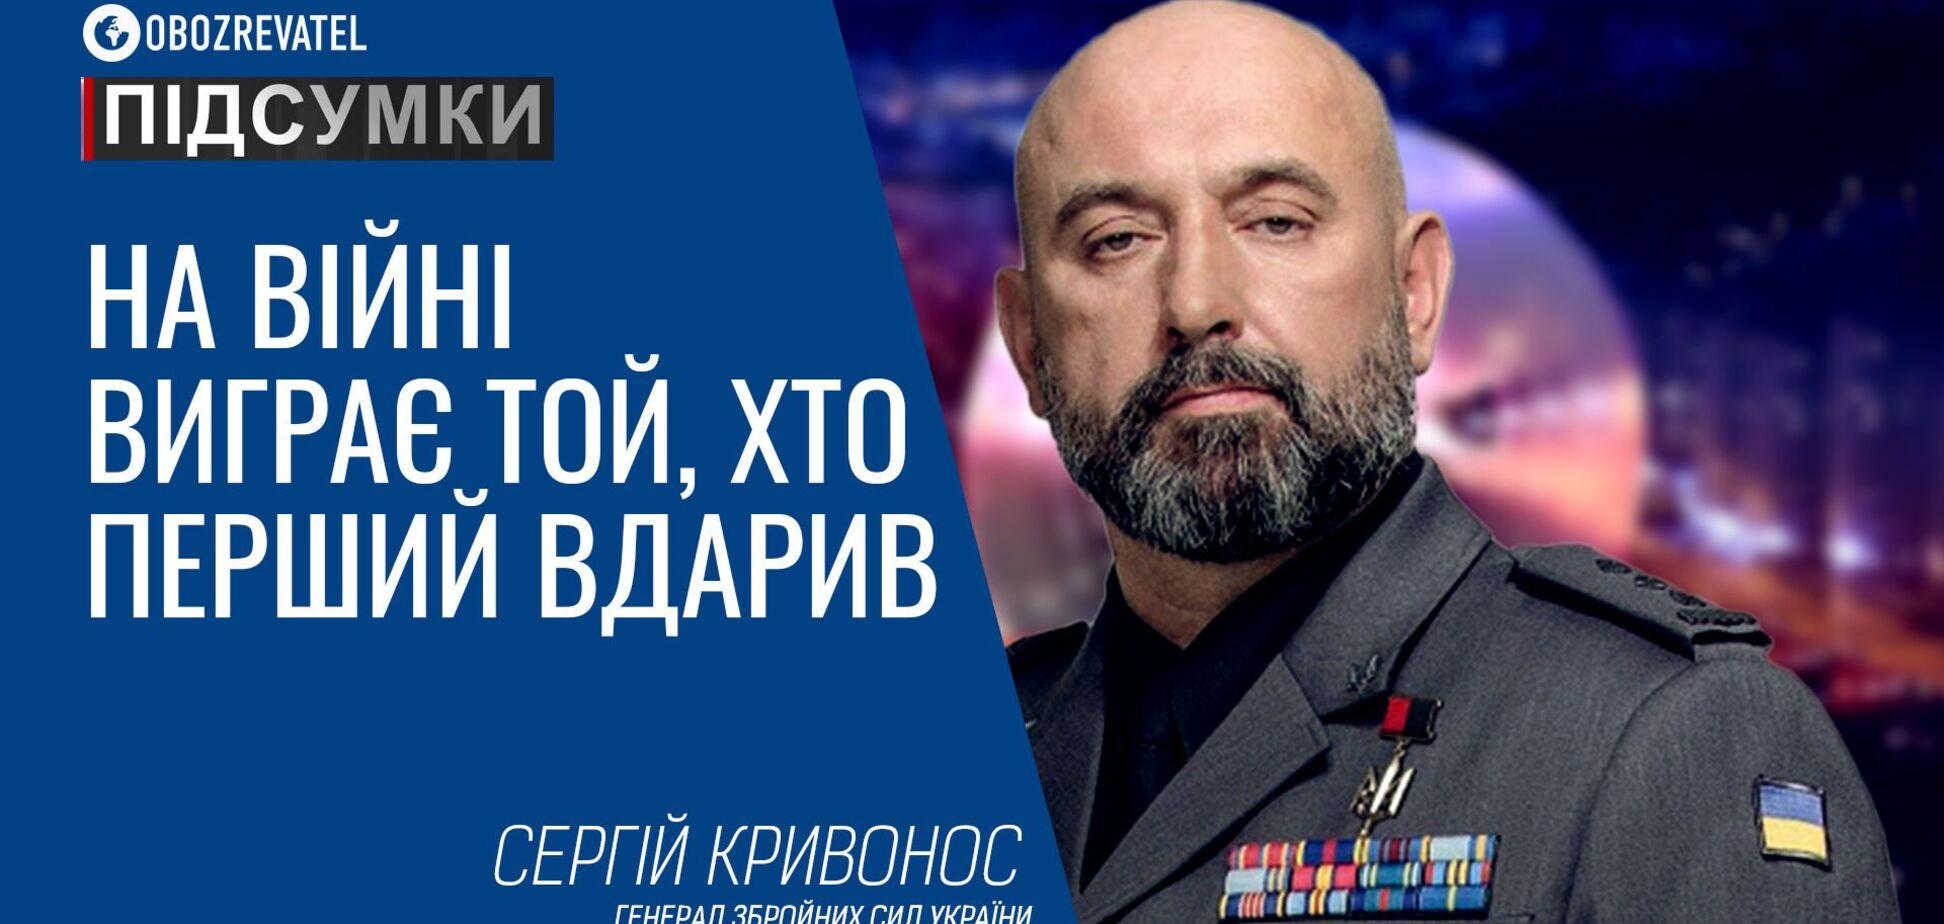 Підсумки дня. Спецвипуск до Дня захисника України з Сергієм Кривоносом